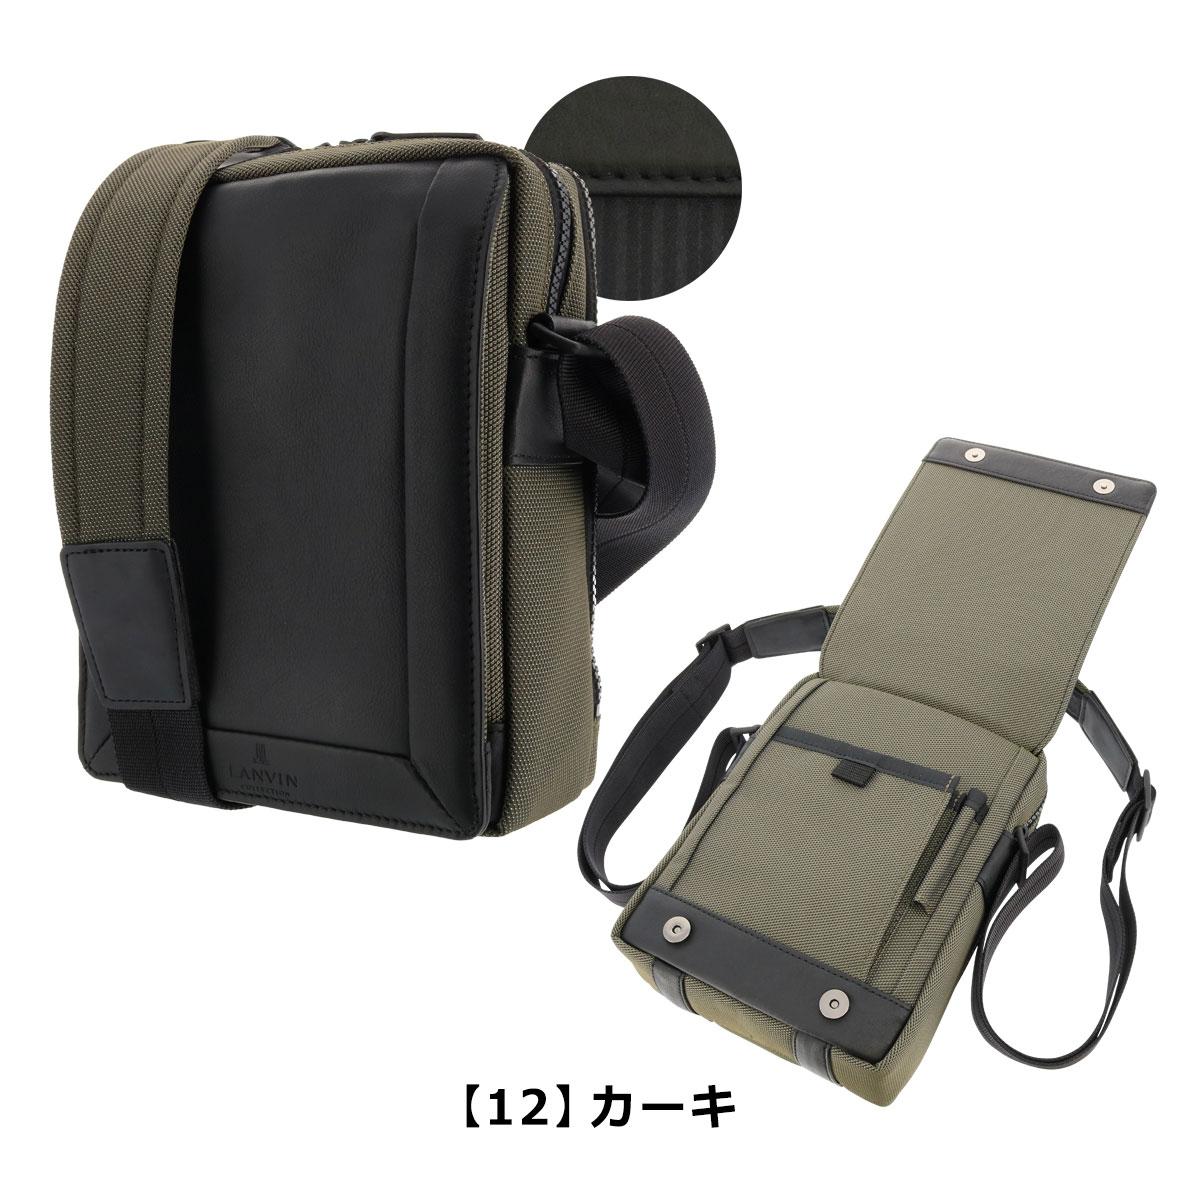 ba592e56b89b COLLECTION LANVIN 日本製 289101 メンズ アクタス ショルダーバッグ ...